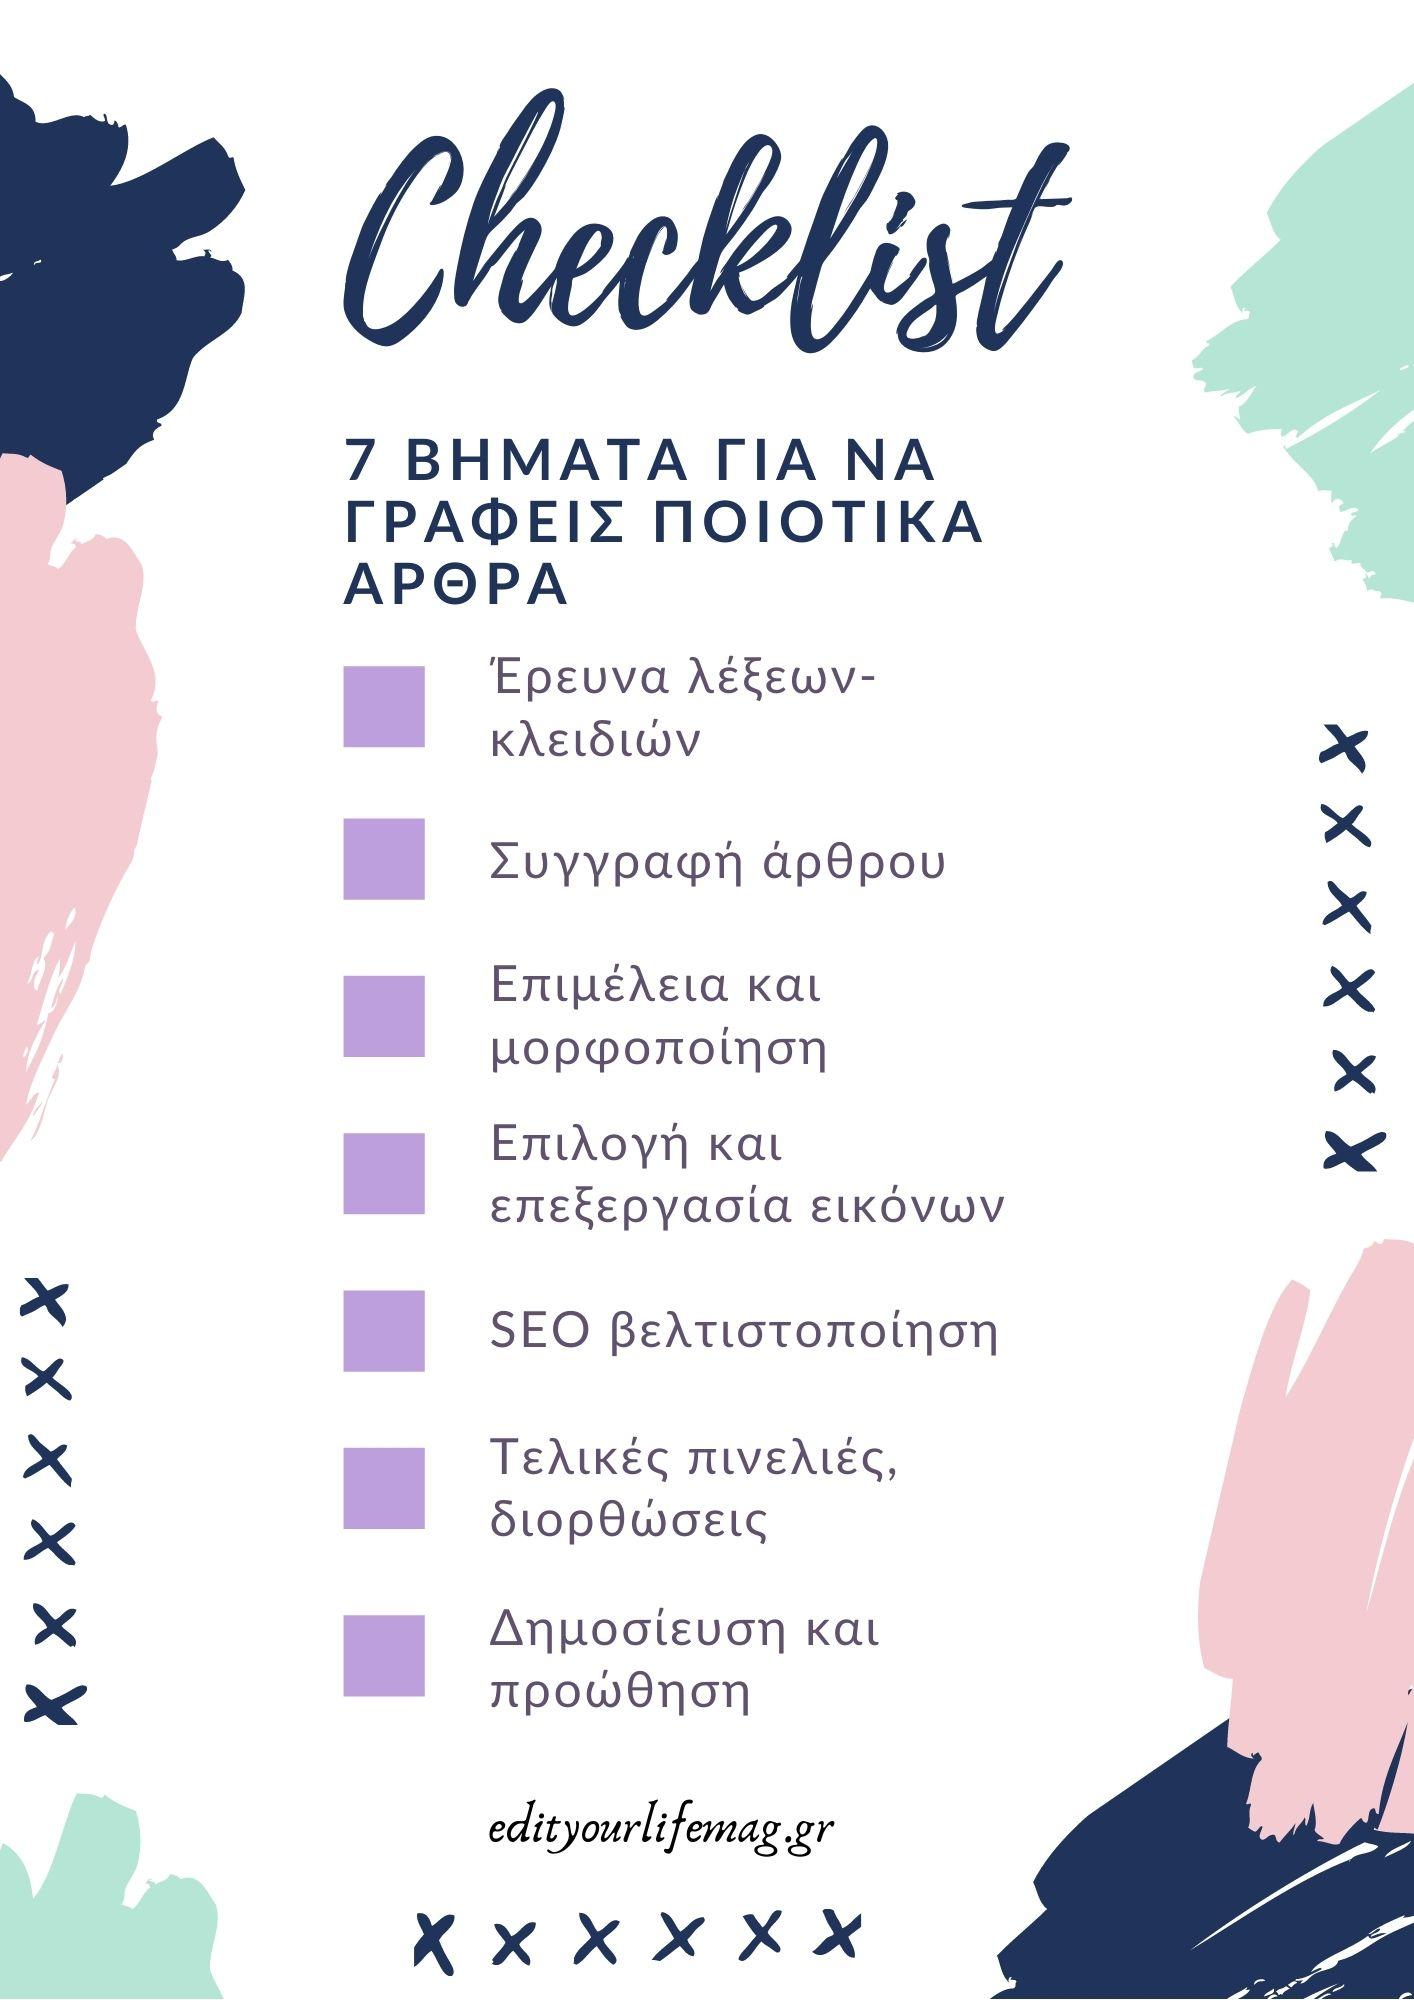 ποιοτικά άρθρα checklist